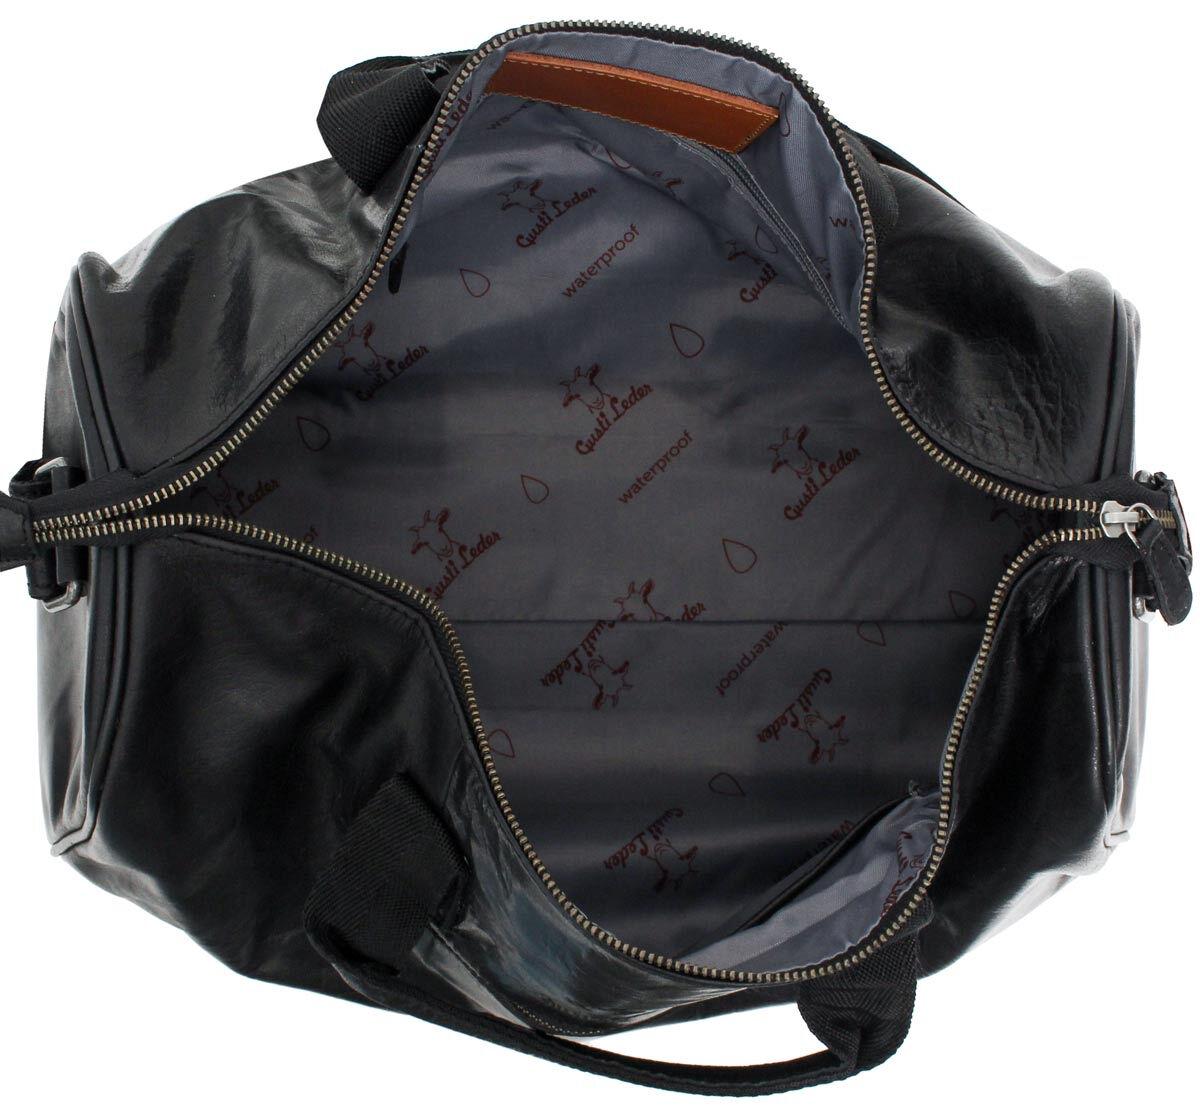 Outlet Reisetasche - kleinere Lederfehler - faltiges Leder – ansonsten neu – Siehe Video